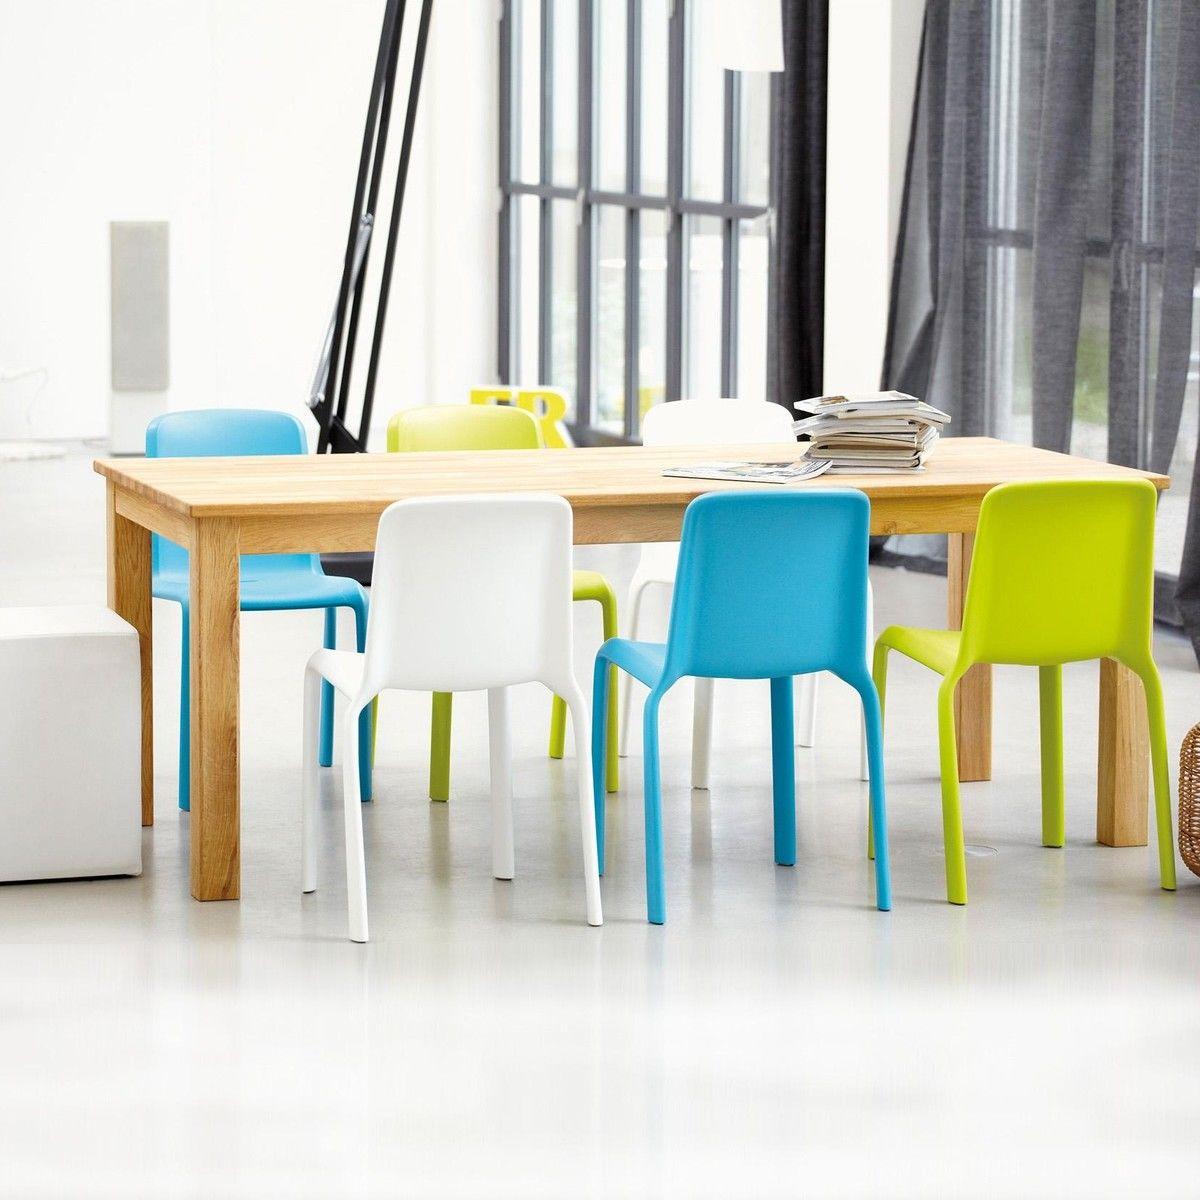 Casa table de salle manger bois massif jan kurtz for Table salle manger bois massif